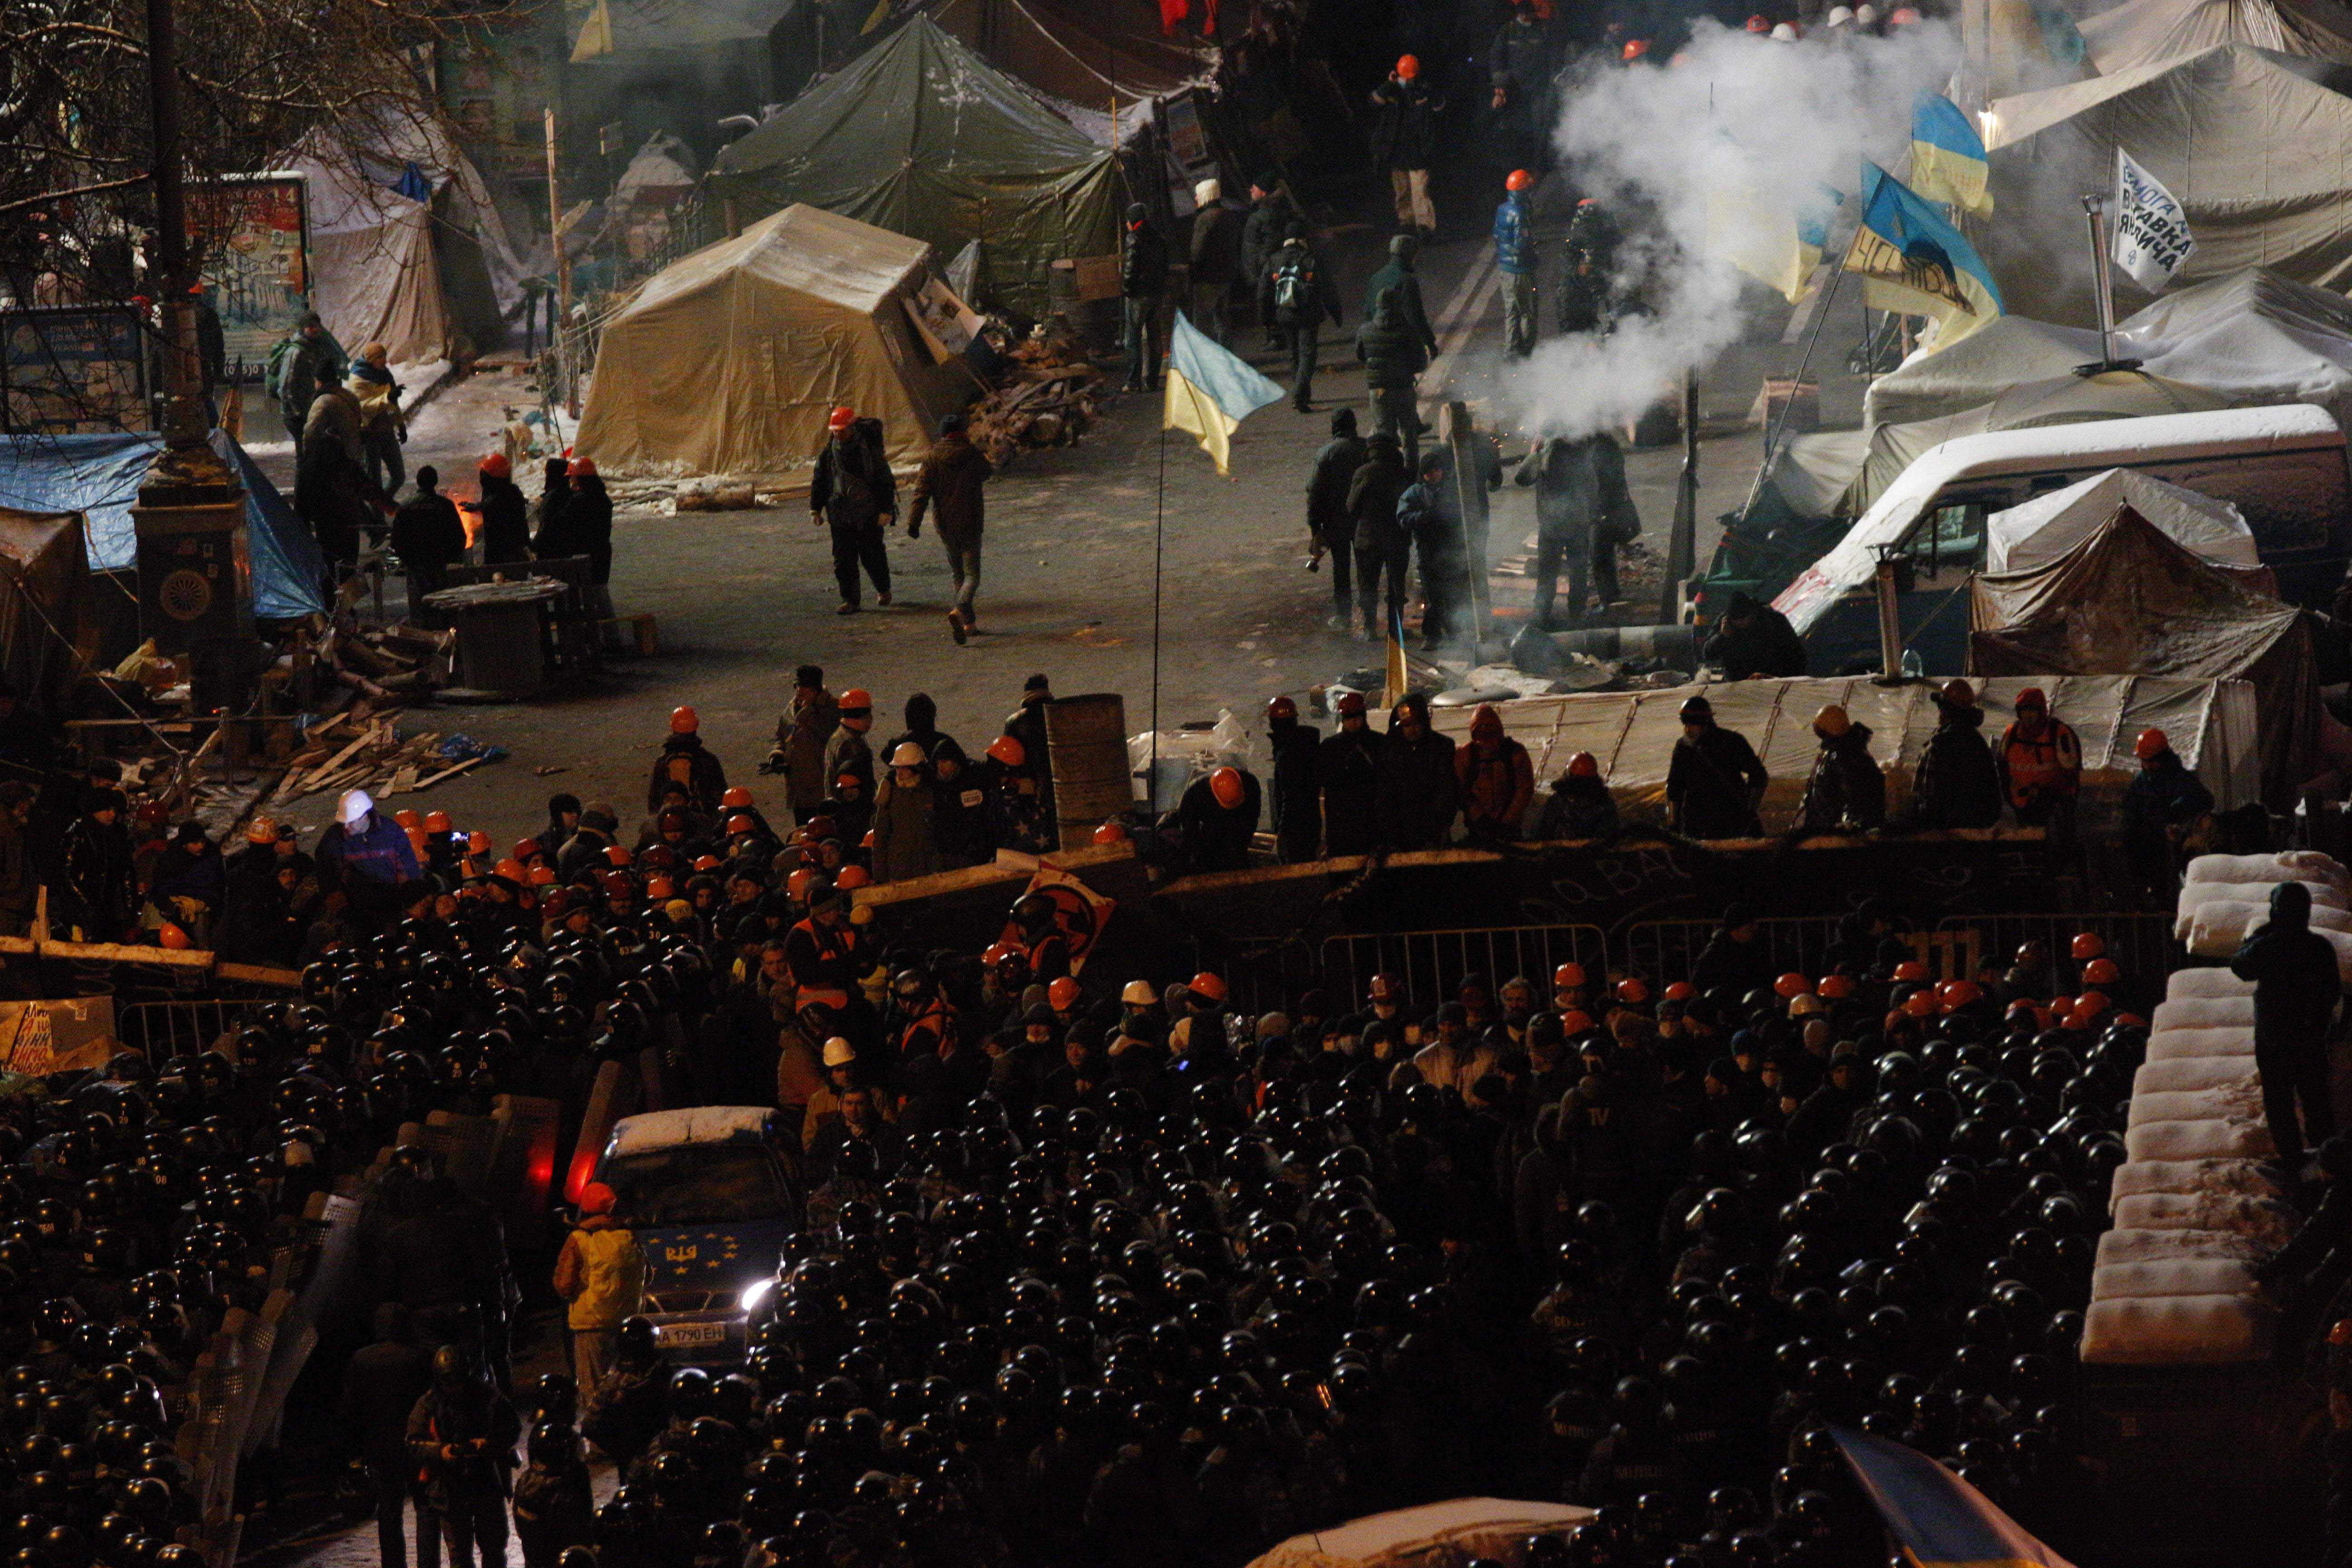 Biểu tình và khủng hoảng chính trị ở Ukraina theo dòng thời gian